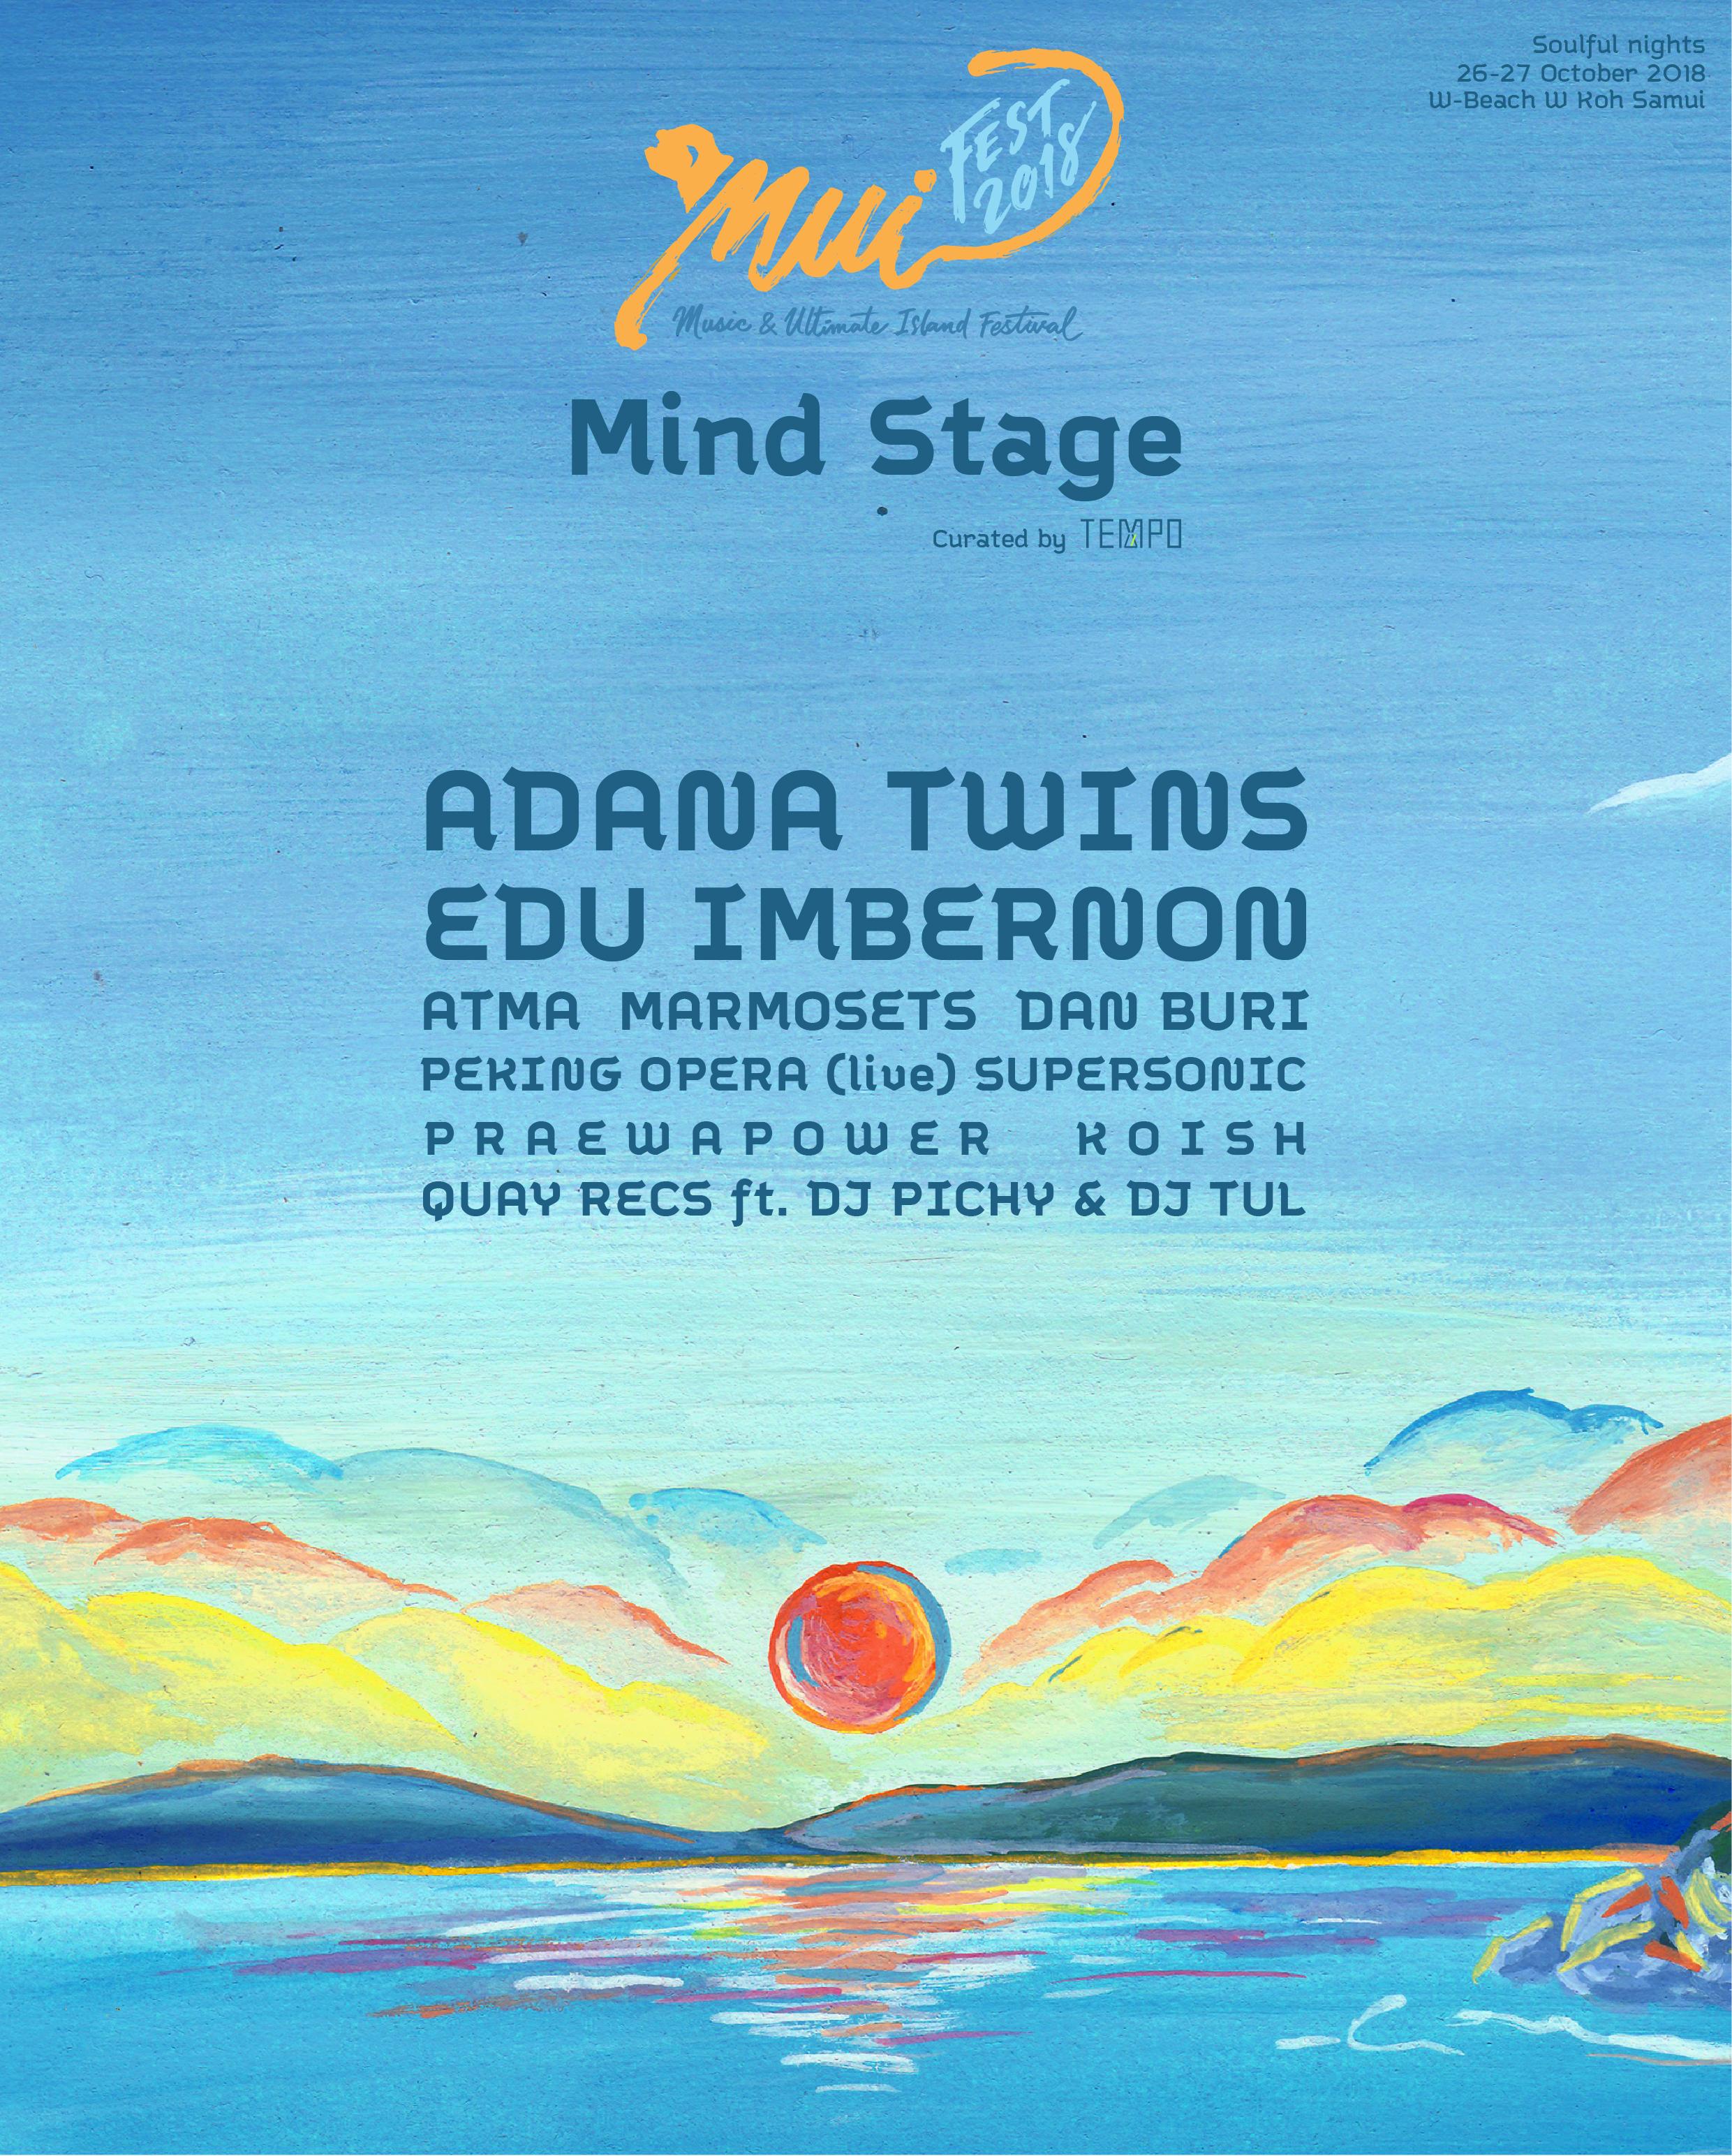 AW Mindstage Lineup v1-01